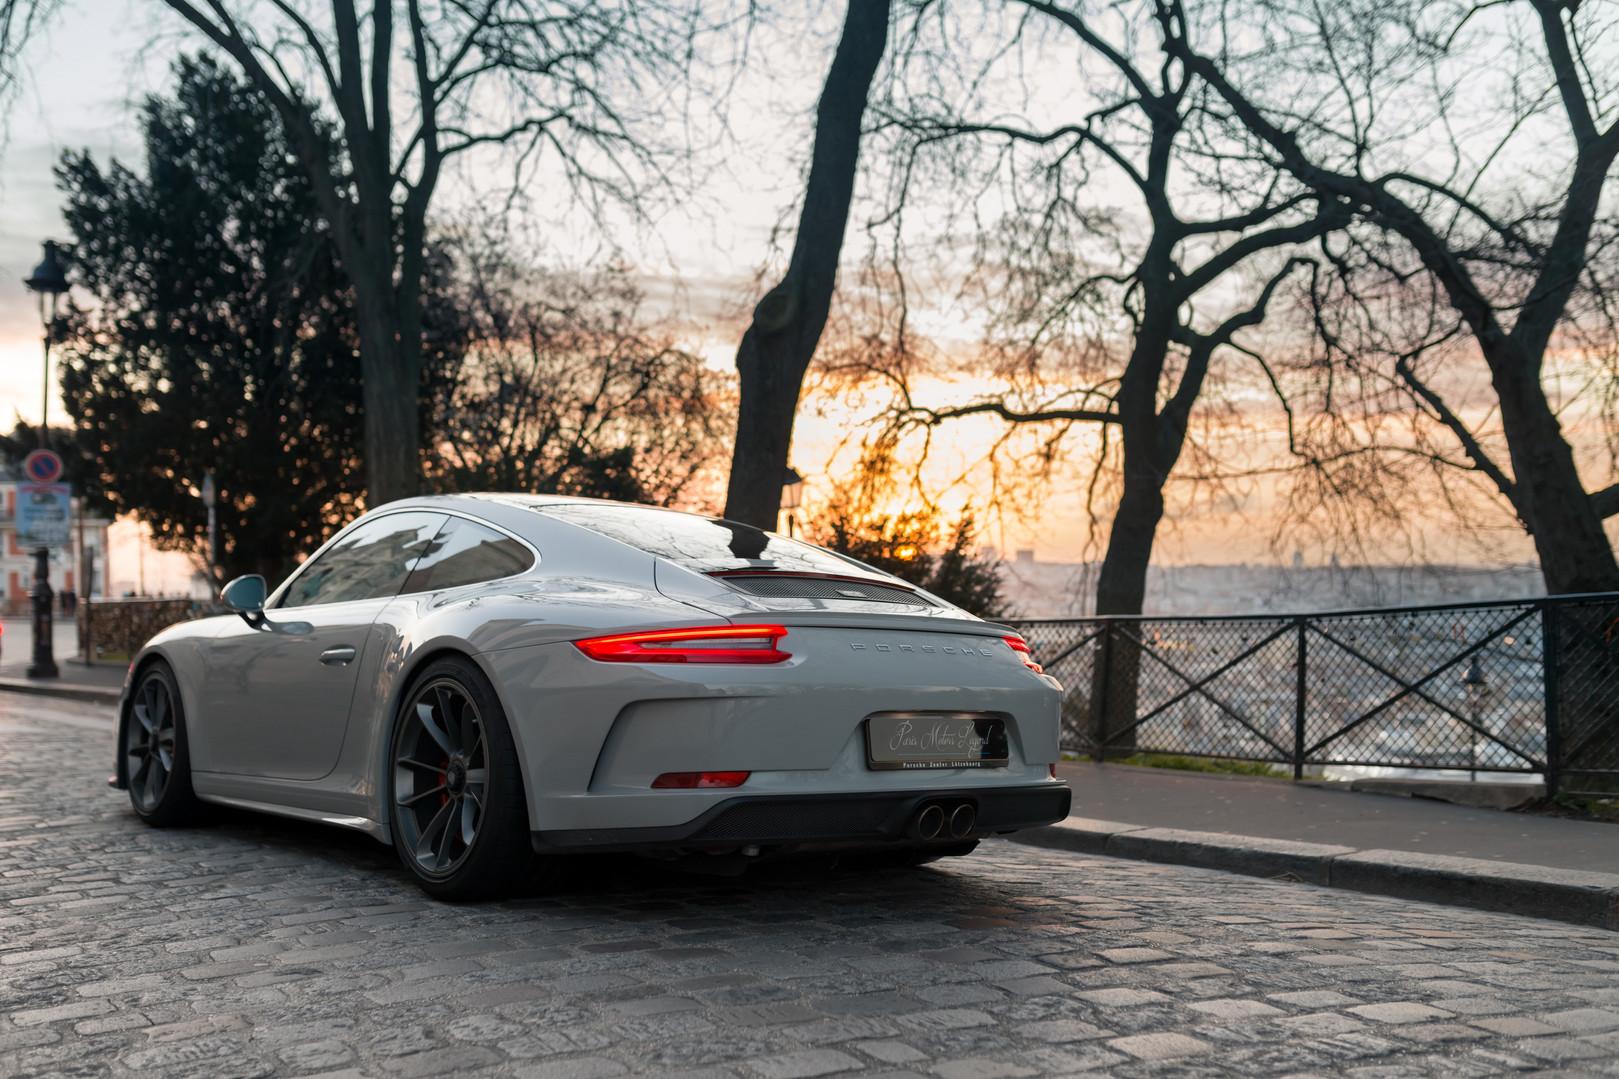 2018 Porsche 991 II GT3 Touring